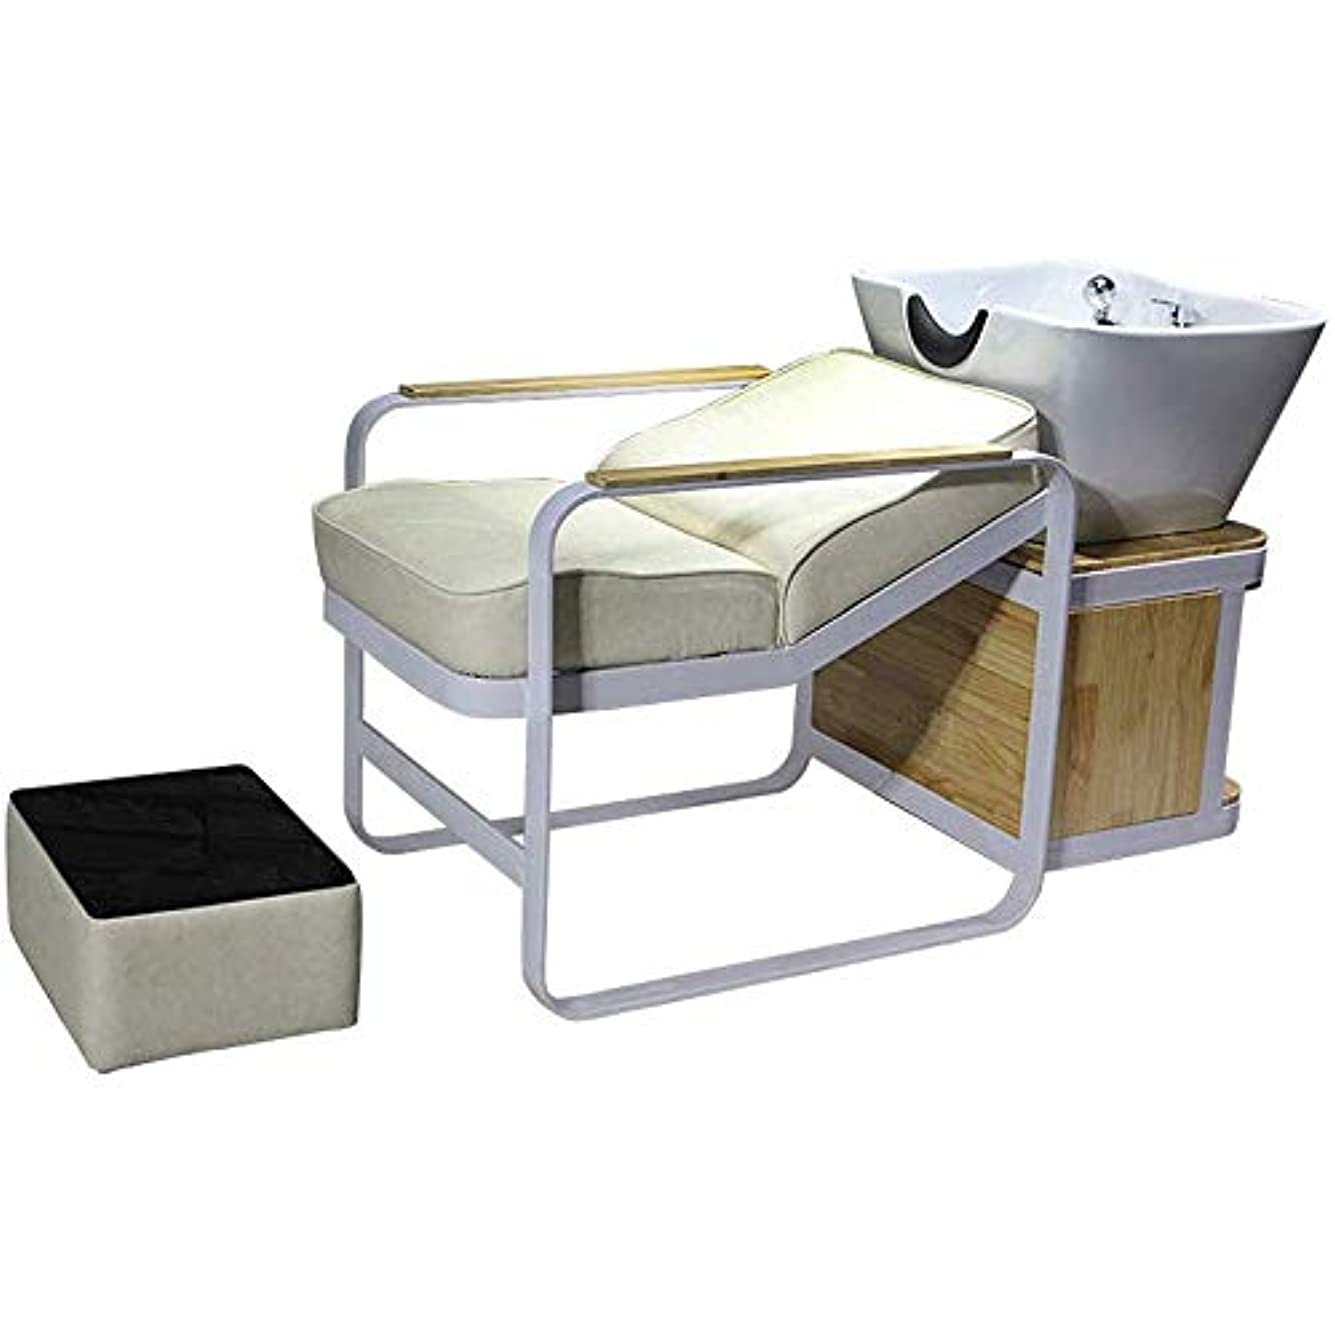 レタッチ管理しますレシピシャンプーバーバー逆洗椅子、スパビューティーサロン装置のための逆洗ユニットシャンプーボウル理髪シンクチェア